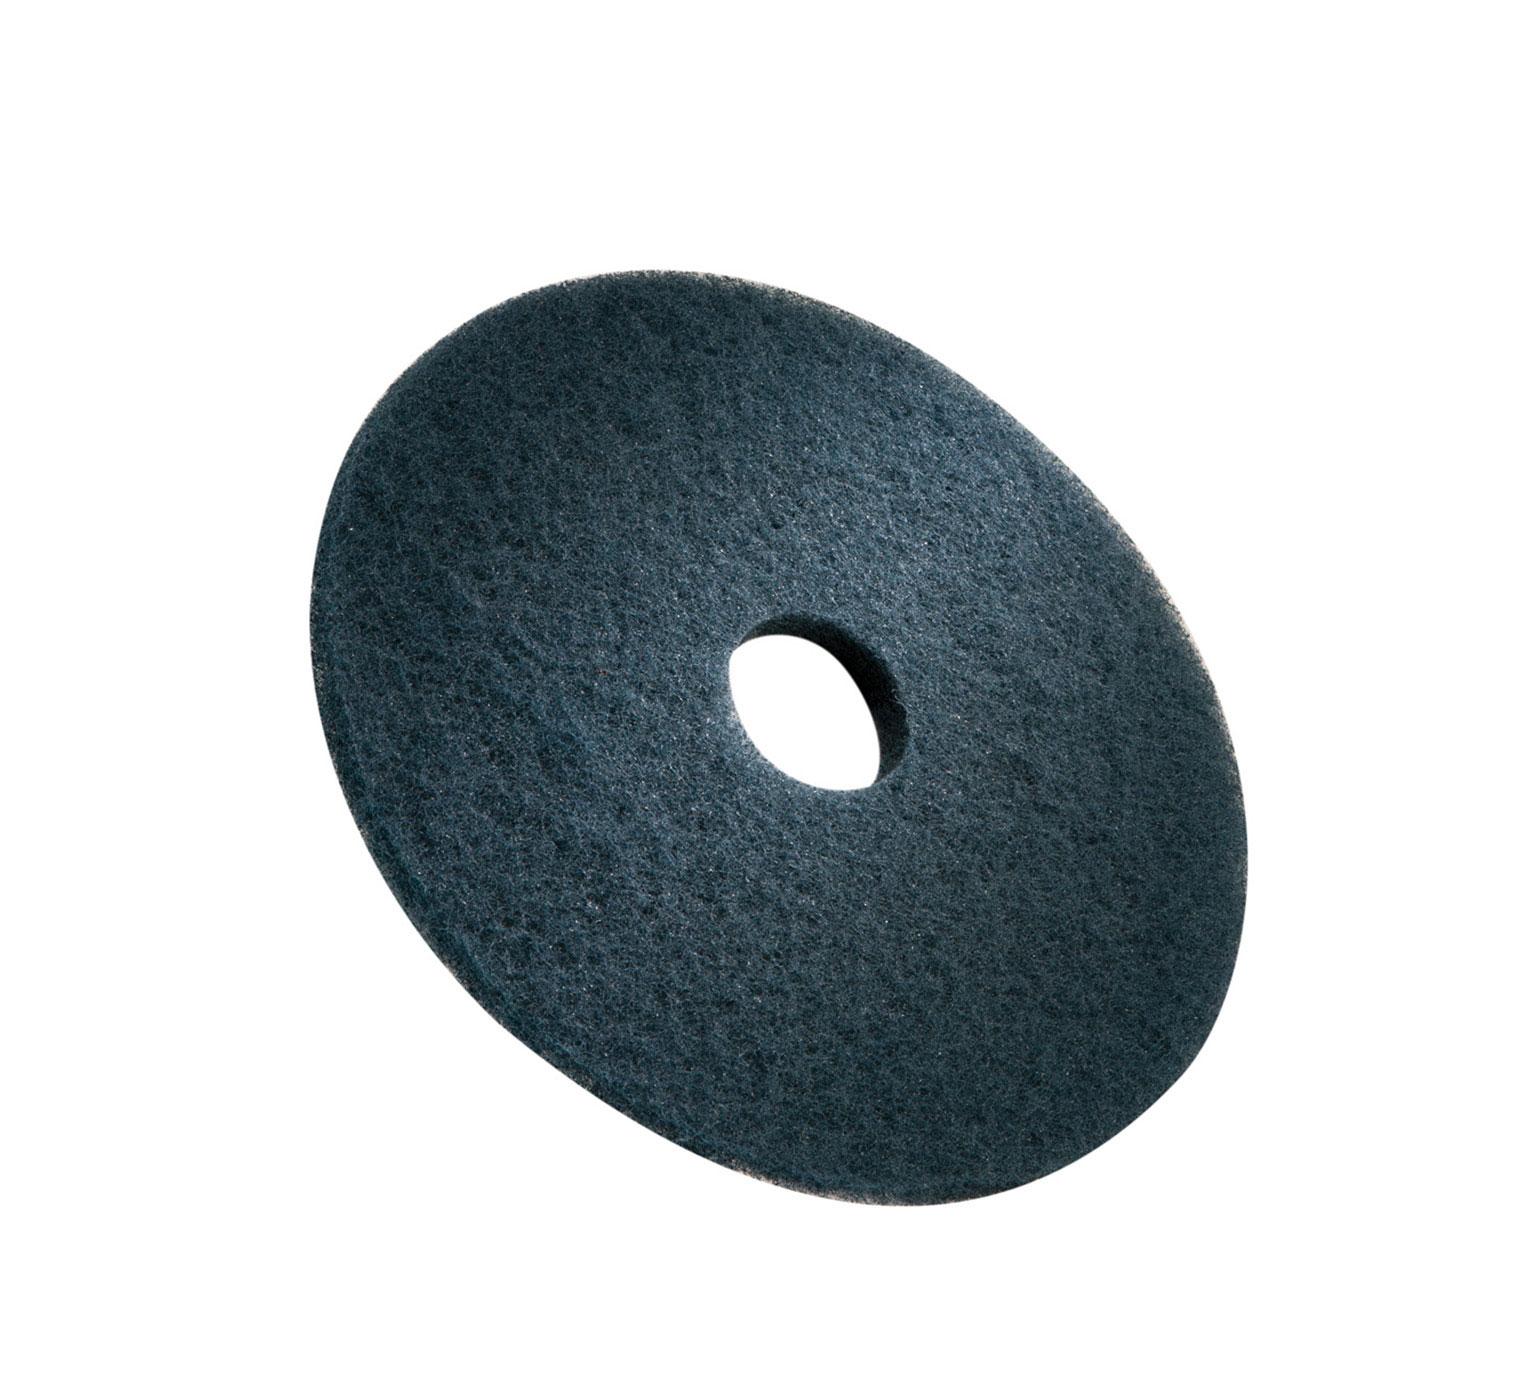 Tennanttrue 3m Blue Scrubbing Pad 17 In 432 Mm Pn